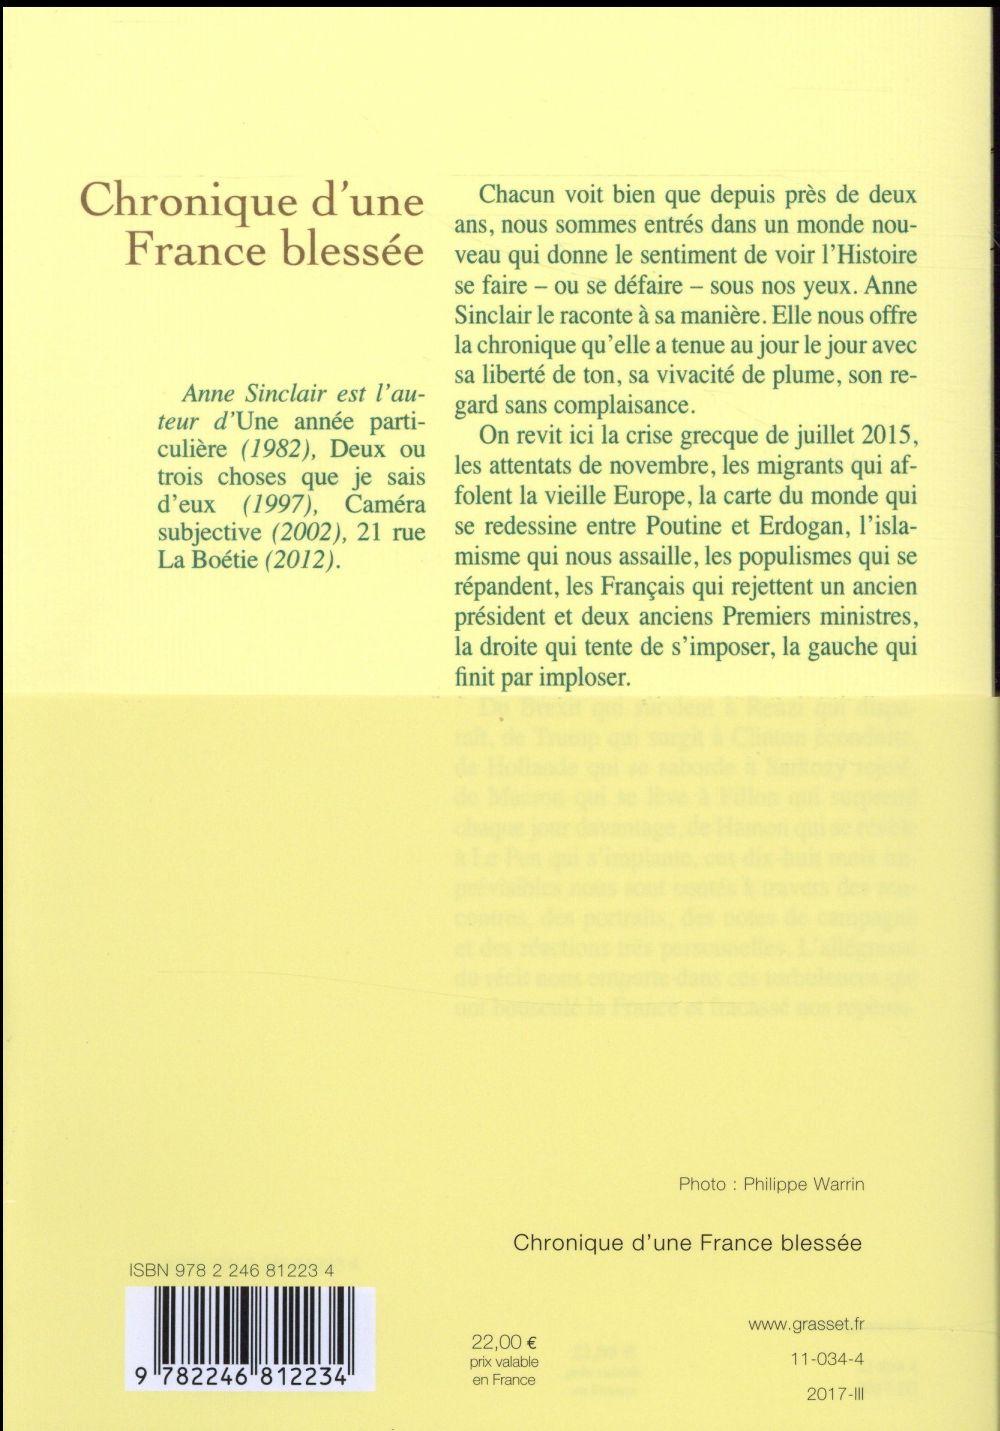 Chronique d'une France blessée